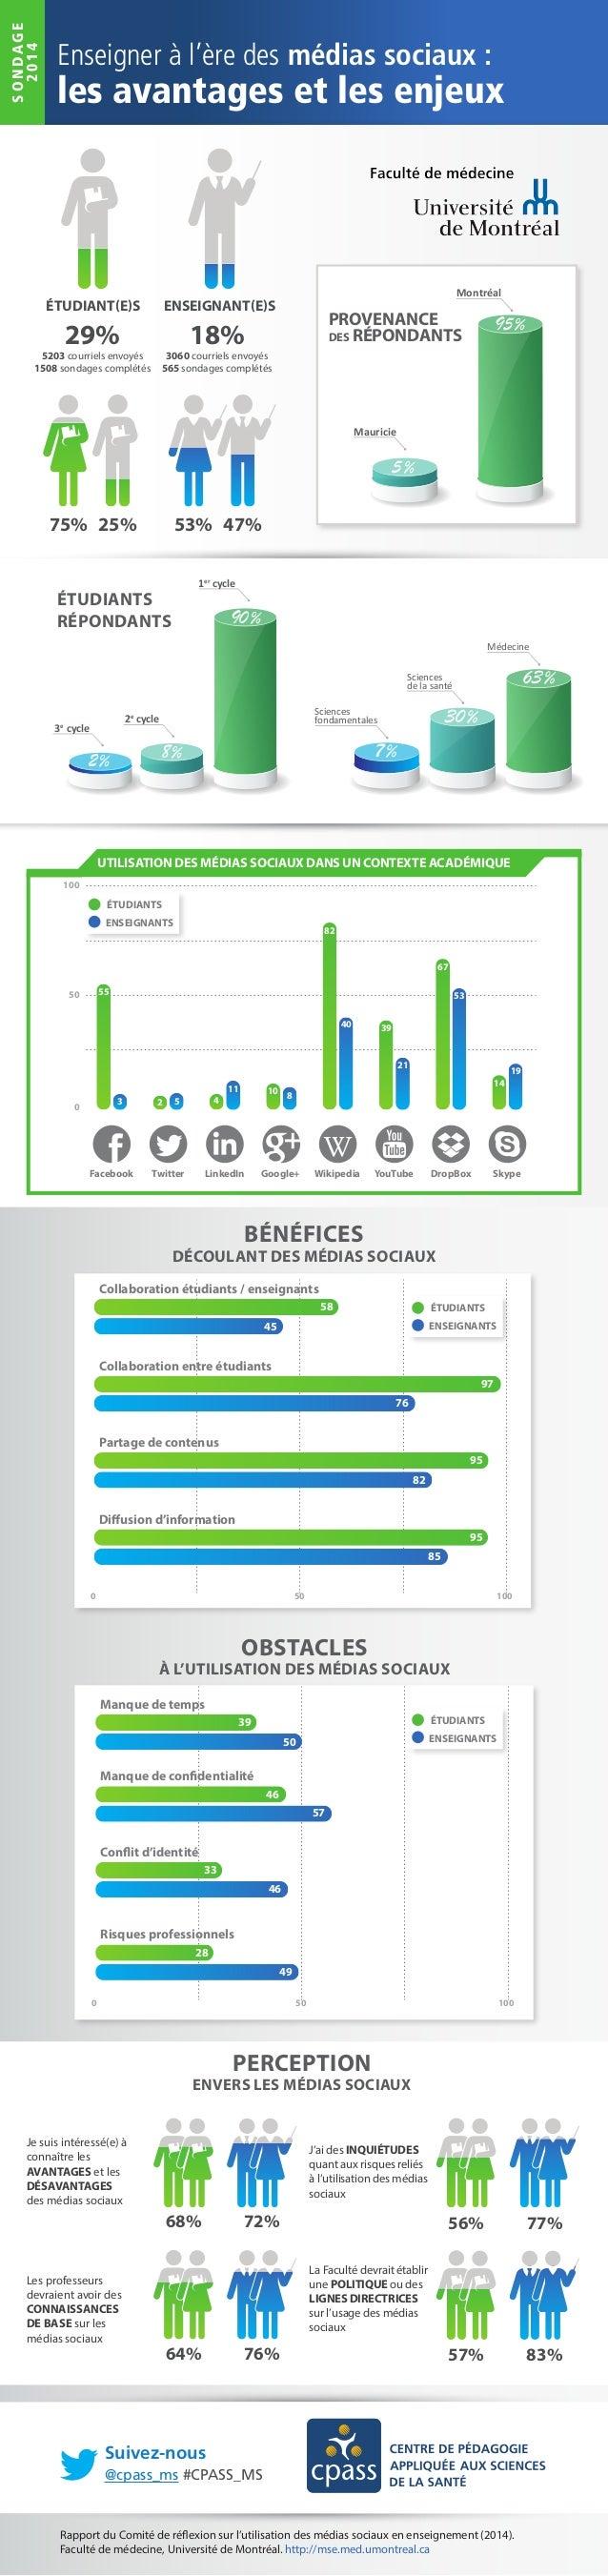 BÉNÉFICES DÉCOULANT DES MÉDIAS SOCIAUX 100500 58 45 Collaboration étudiants / enseignants Partage de contenus 95 82 Diffus...